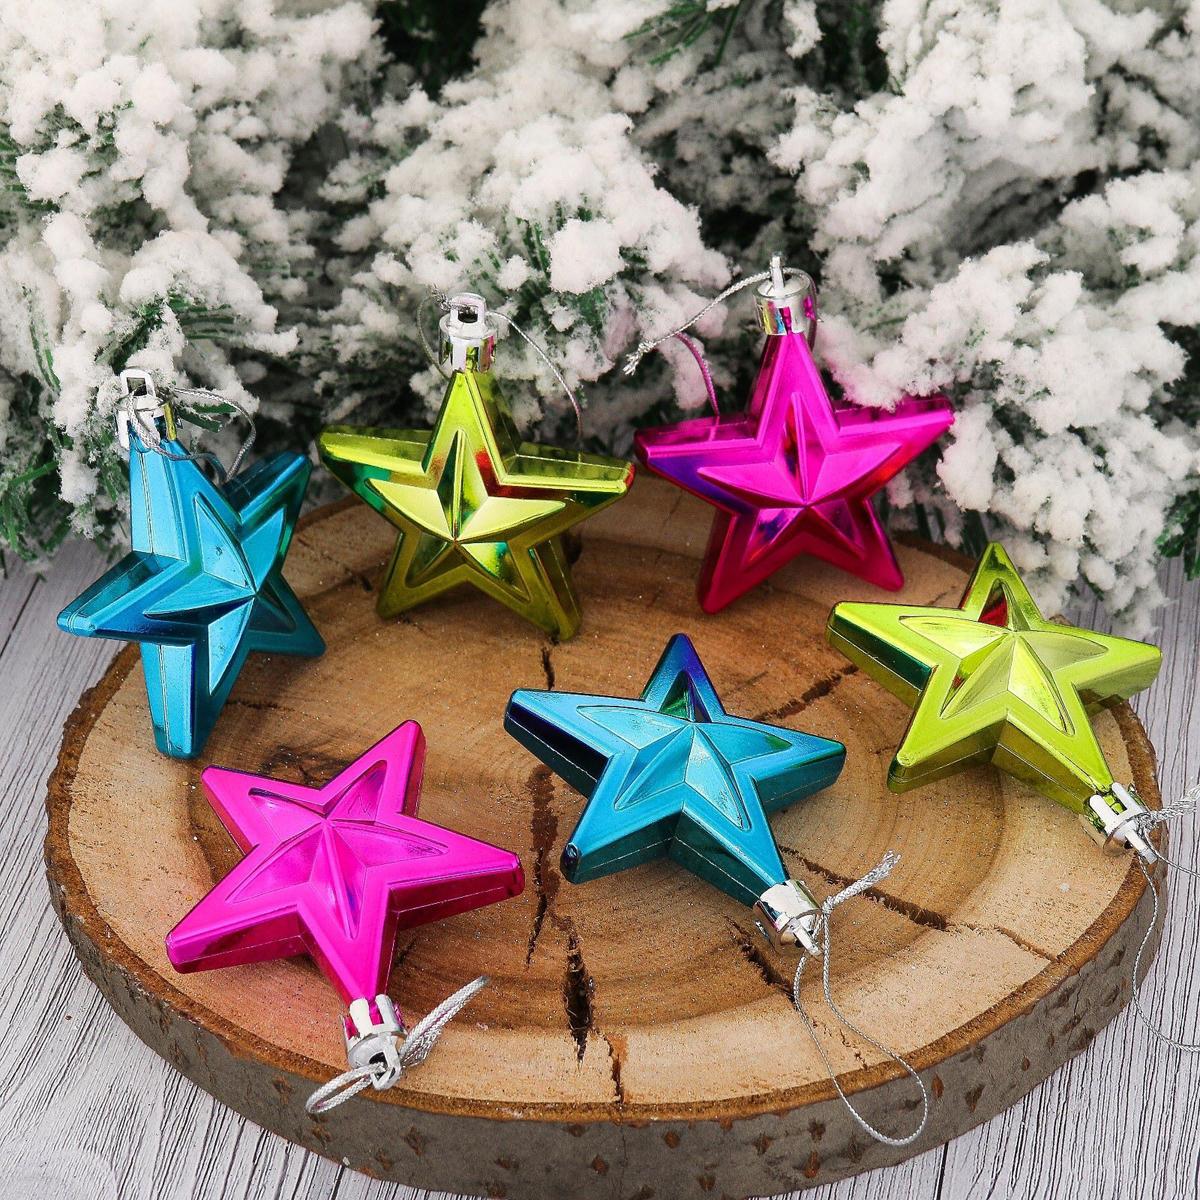 Набор новогодних подвесных украшений Звезды, 6 х 6 см, 6 шт. 21230822123082Набор новогодних подвесных украшений отлично подойдет для декорации вашего дома и новогодней ели. С помощью специальной петельки украшение можно повесить в любом понравившемся вам месте. Но, конечно, удачнее всего оно будет смотреться на праздничной елке.Елочная игрушка - символ Нового года. Она несет в себе волшебство и красоту праздника. Такое украшение создаст в вашем доме атмосферу праздника, веселья и радости.